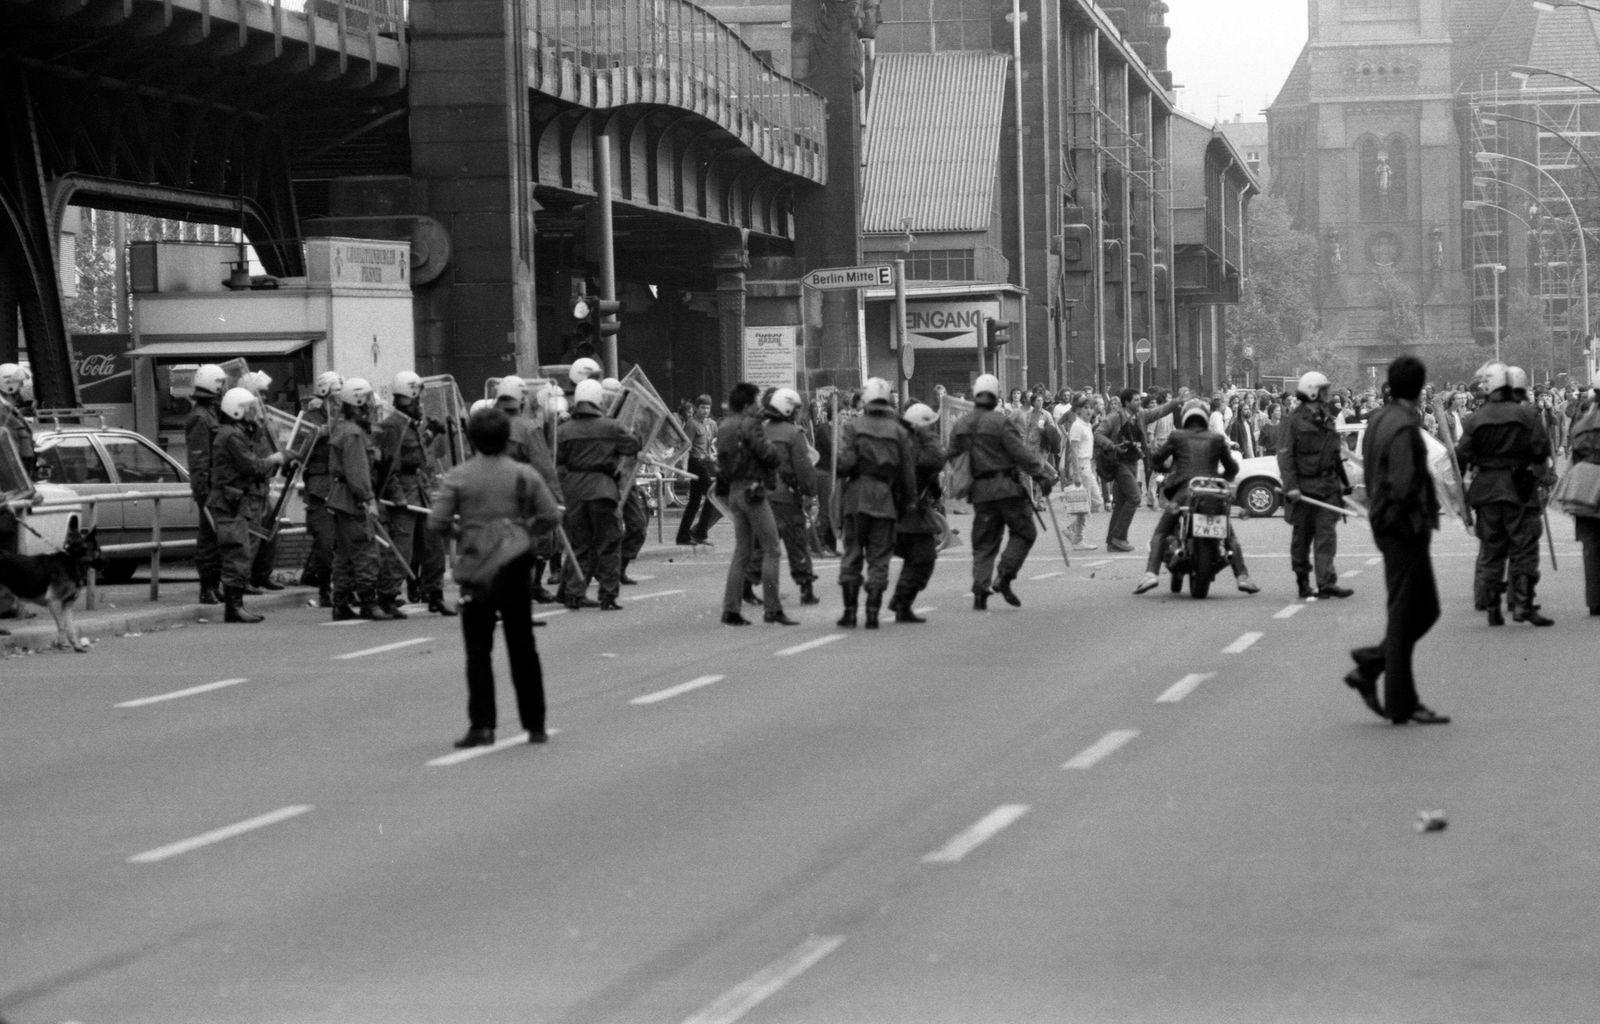 Bülowstraße, Potsdamer Straße, 22.9.1981 Der rechte Innensenator Heinrich Lummer (CDU) ließ am 22.9.1981 acht besetzte H